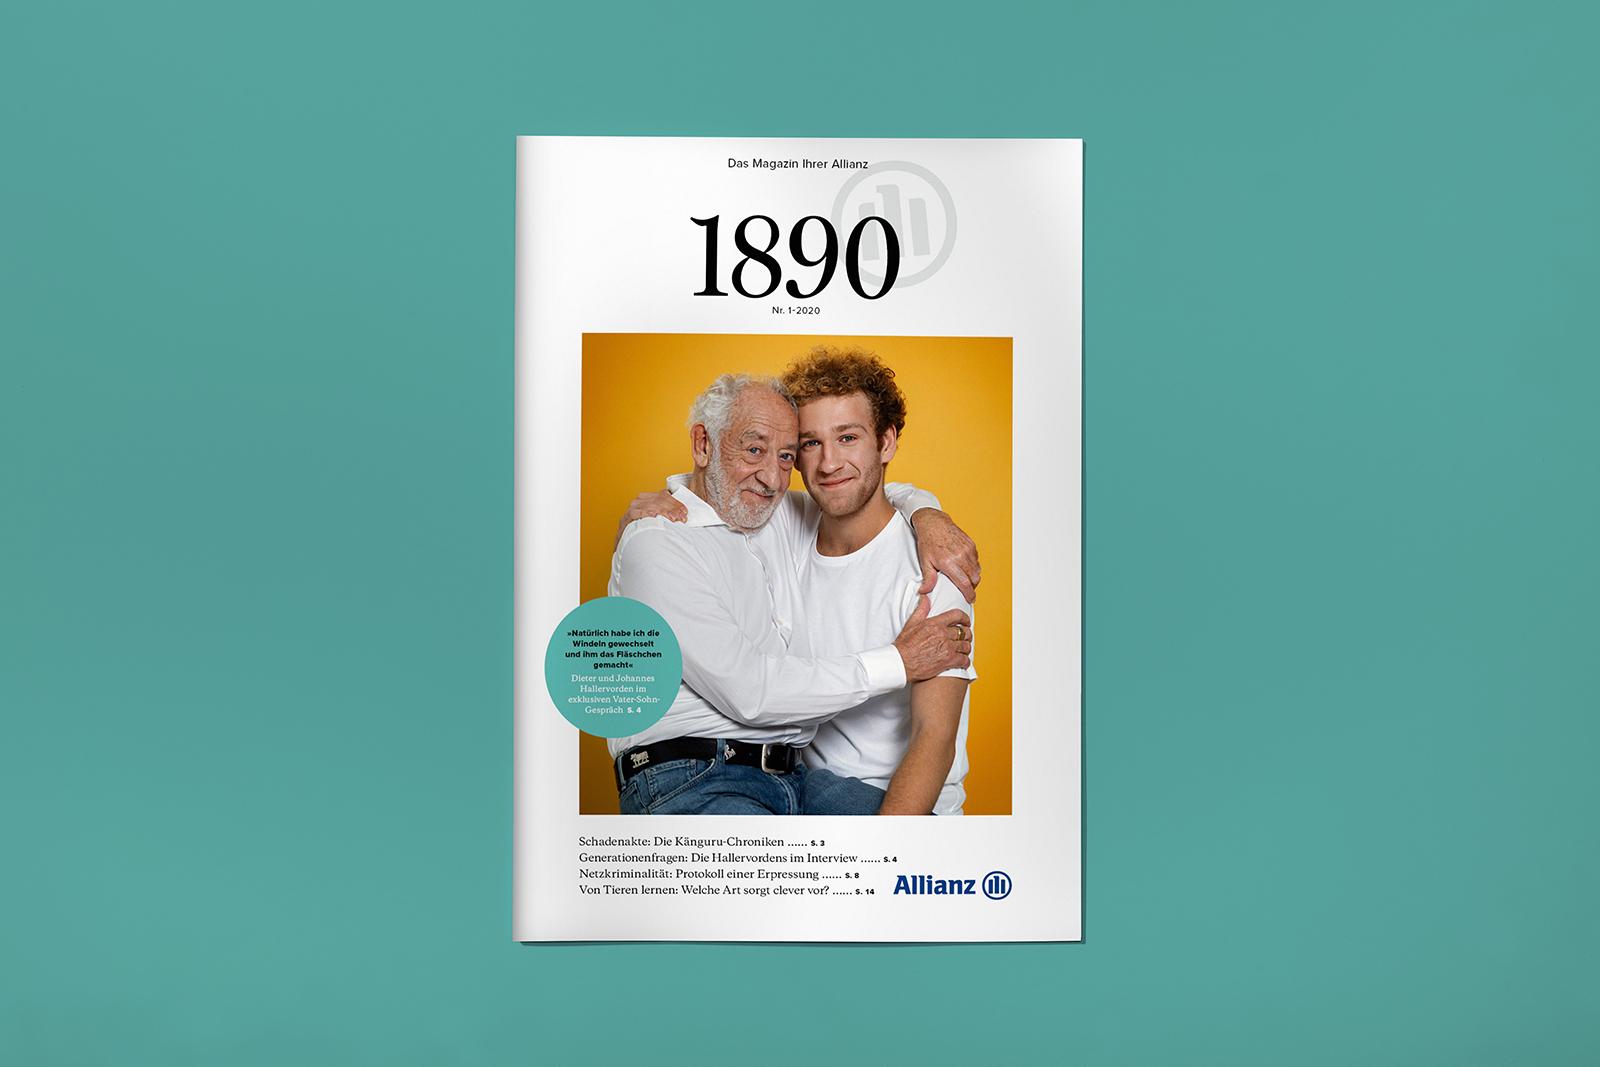 1890_Cover_120_Hallervordem_1600